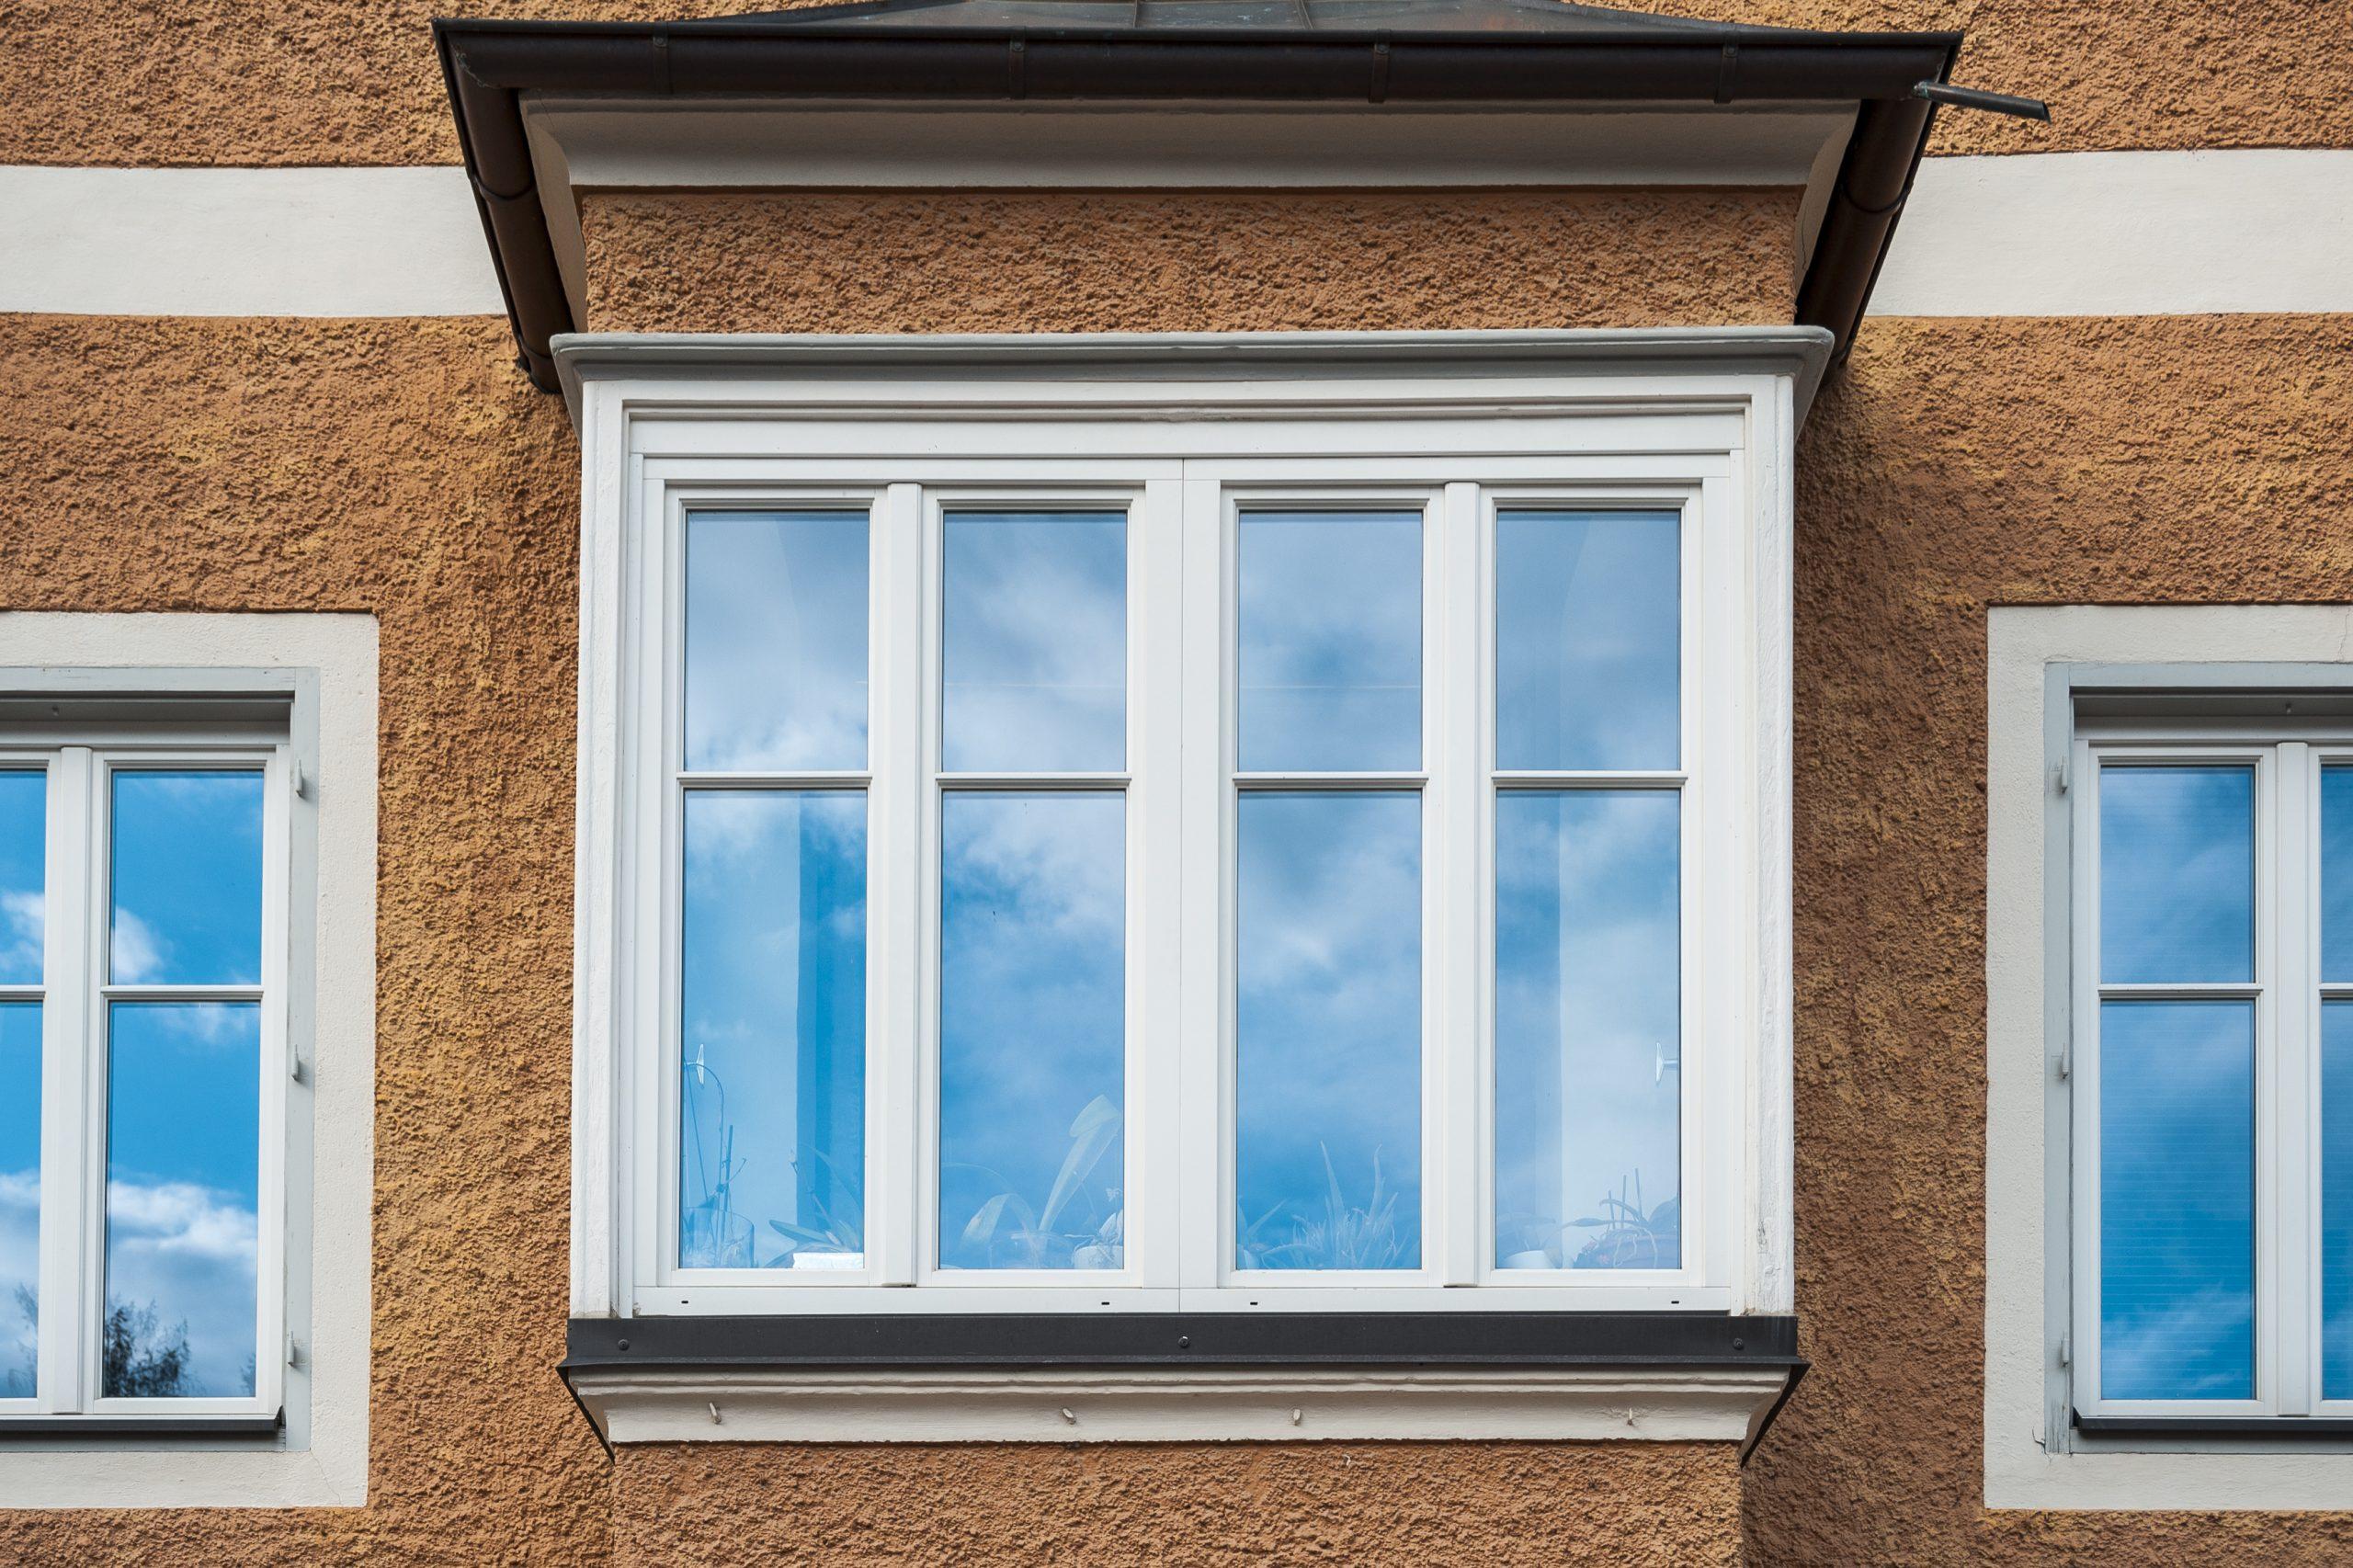 Full Size of Glasklar Dienstleistungen Aron Fenster Kunststoff Dachschräge Online Konfigurieren Sicherheitsbeschläge Nachrüsten Mit Integriertem Rollladen Drutex Fenster Sonnenschutzfolie Fenster Innen